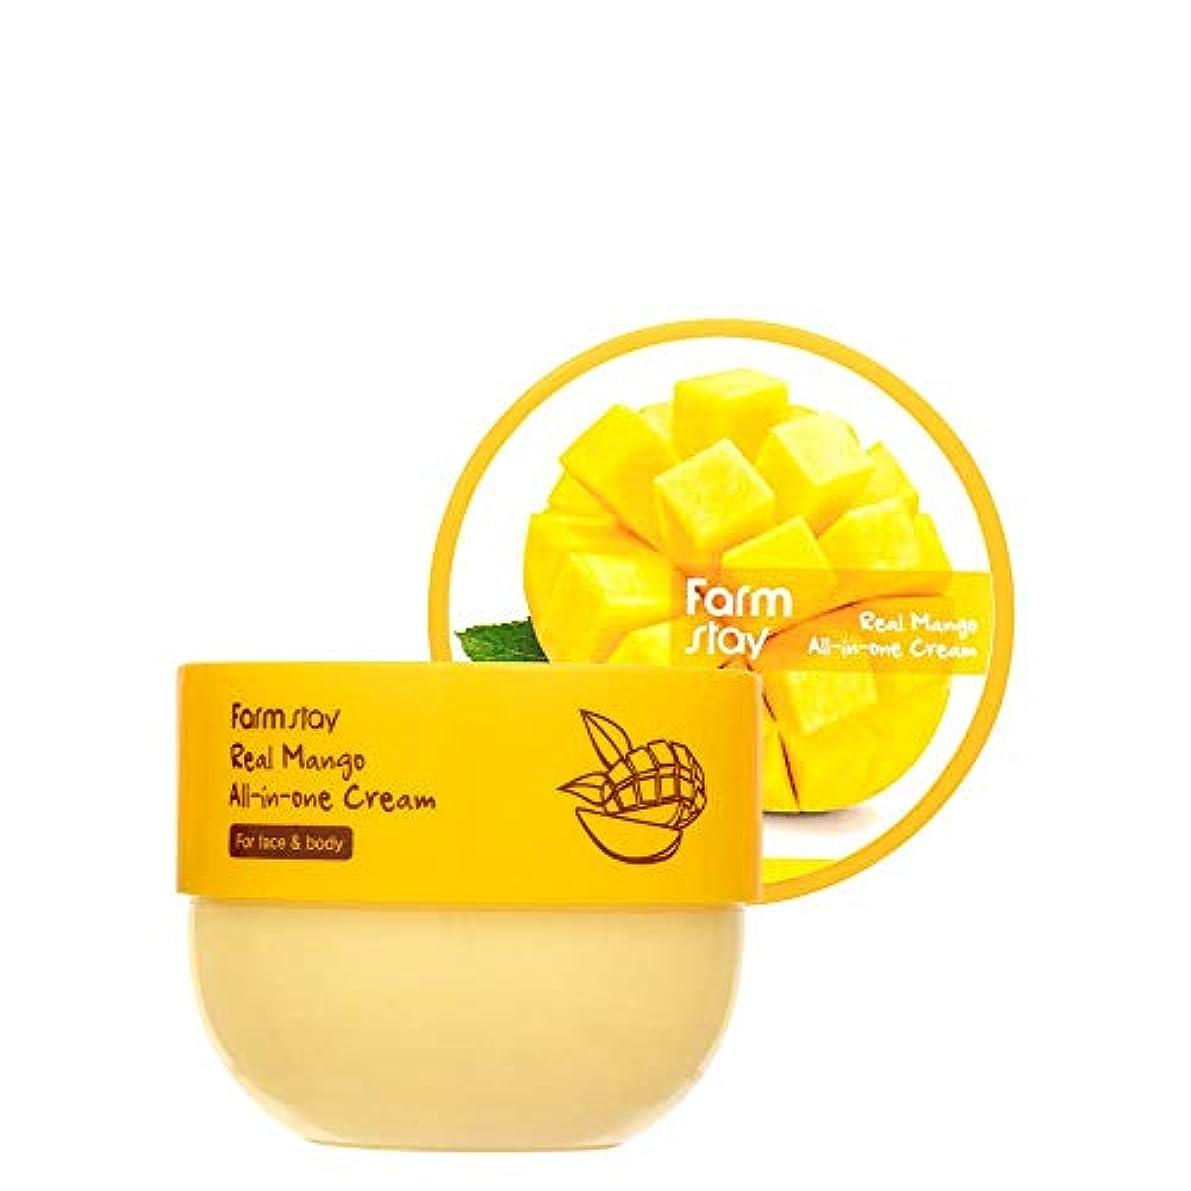 まだら兄ハウジングファームステイ[Farm Stay] リアルマンゴーオールインワンクリーム 300ml / Real Mango All-in-One Cream